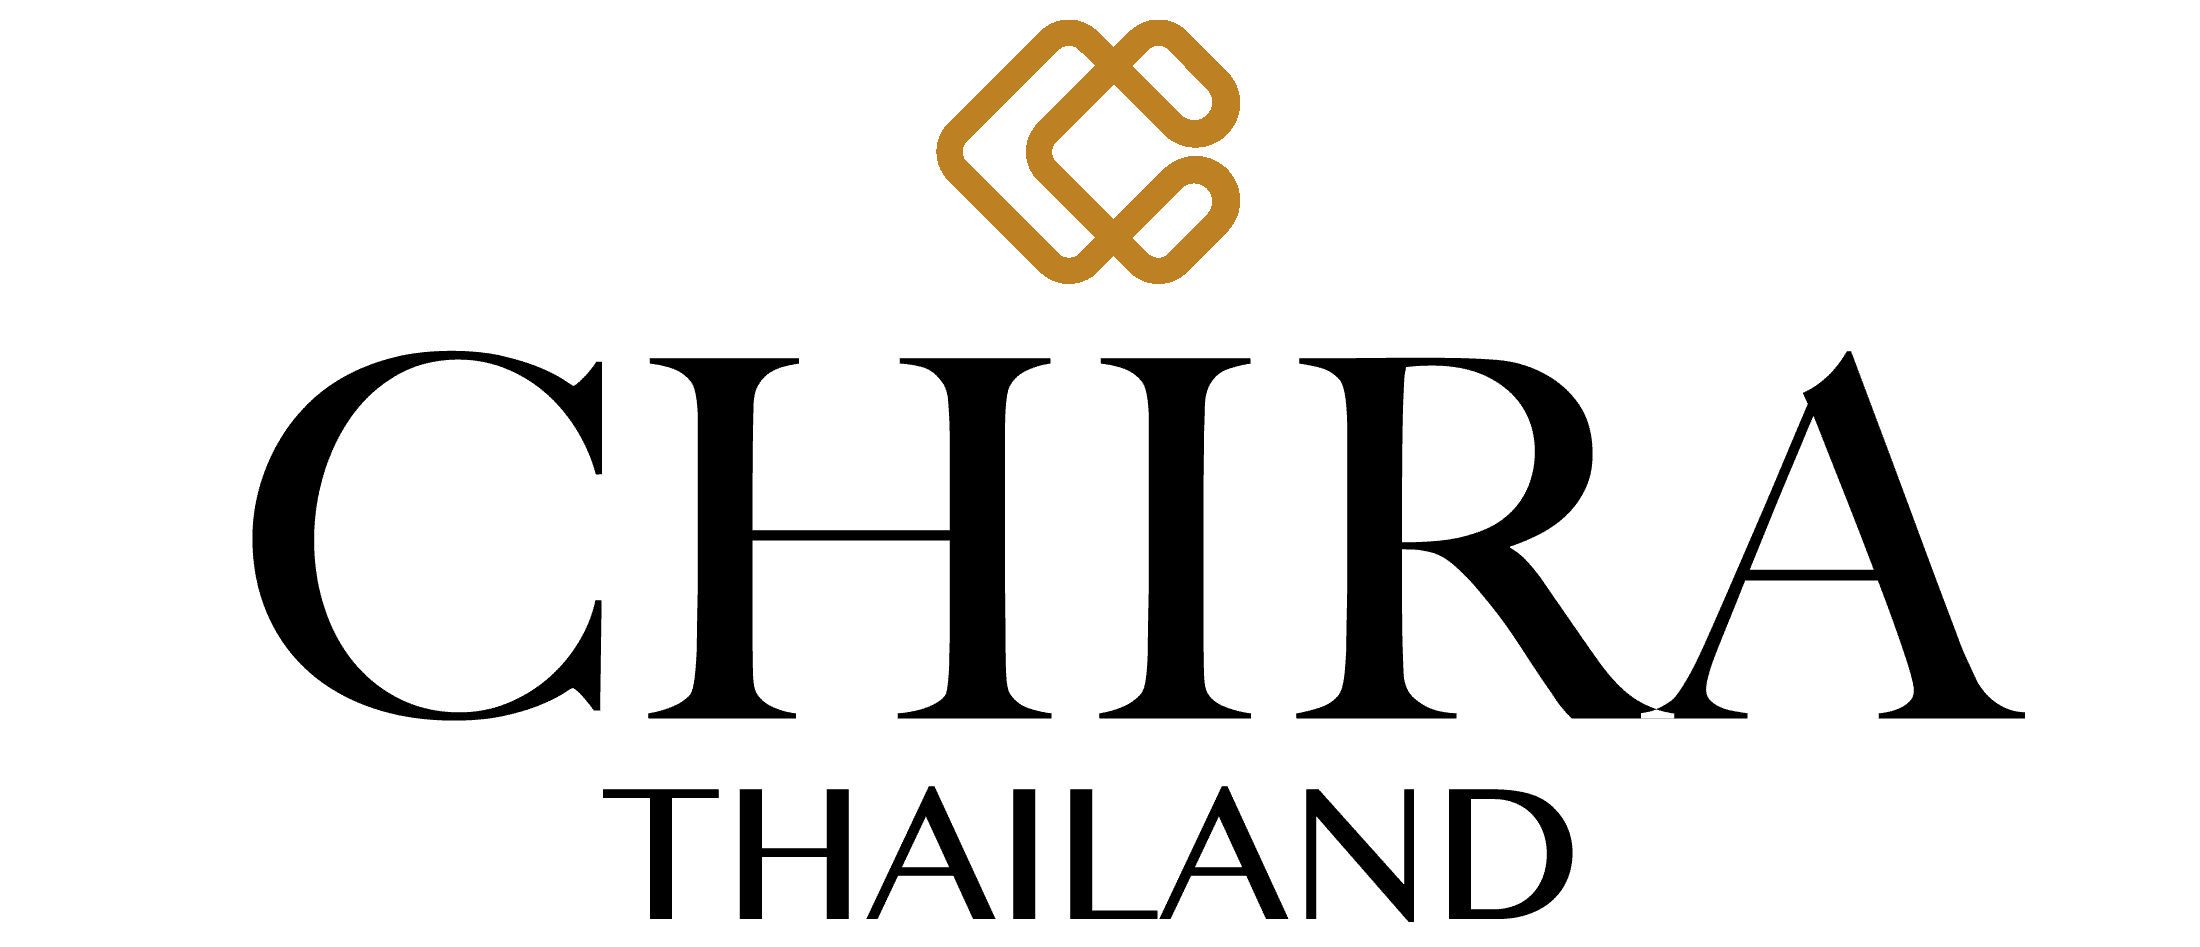 ชีร่าไทยแลนด์ CHIRA Thailand เครื่องสำอางเพื่อคนไทย ความสวยต้องมาก่อน